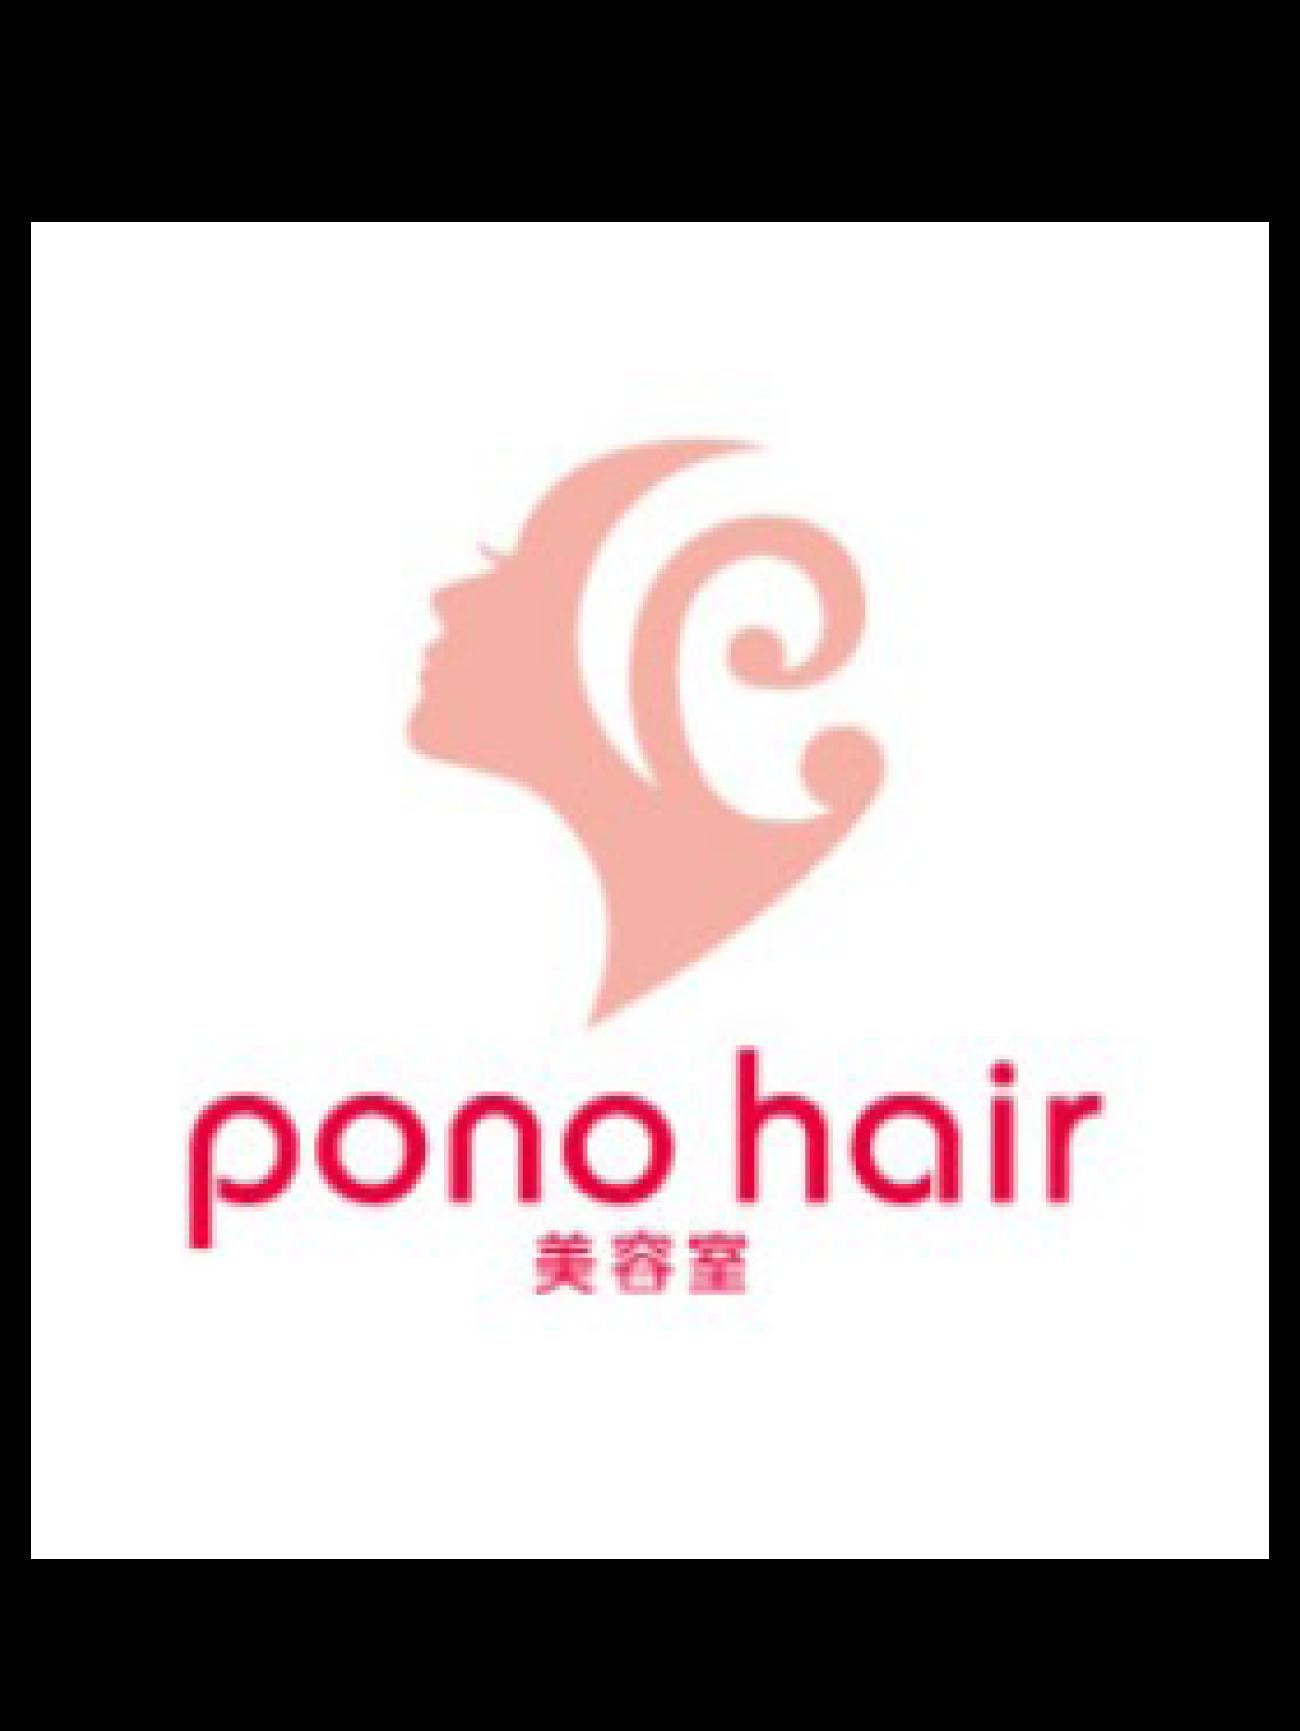 清須 美容室 ponohair ブログ2017/3/31